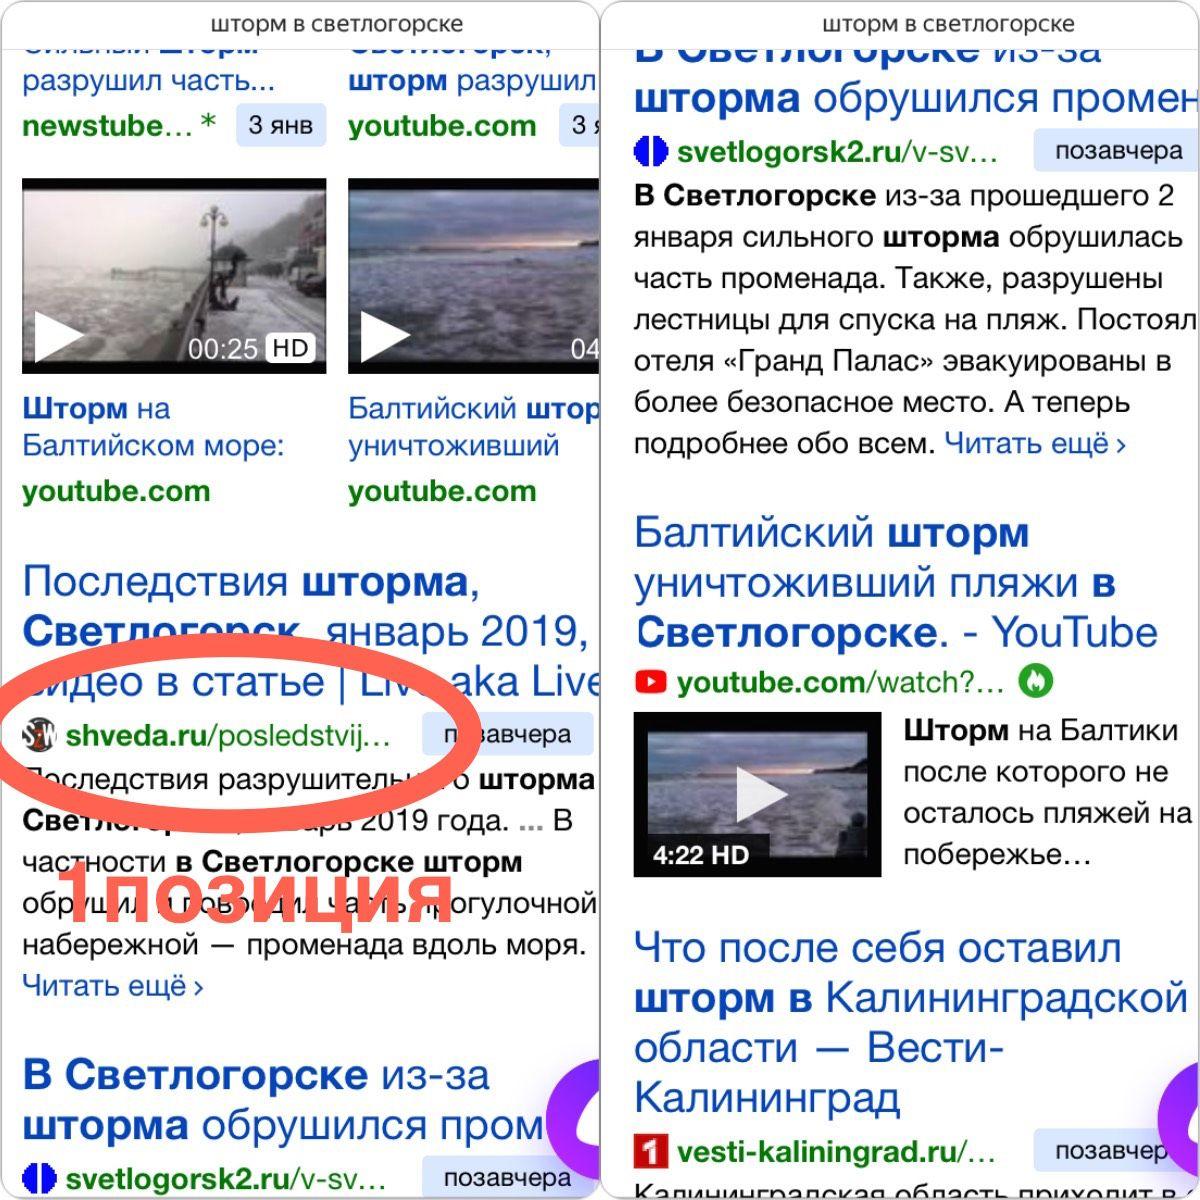 """Позиция в Яндекс по запросу """"шторм в Светлогорске"""""""